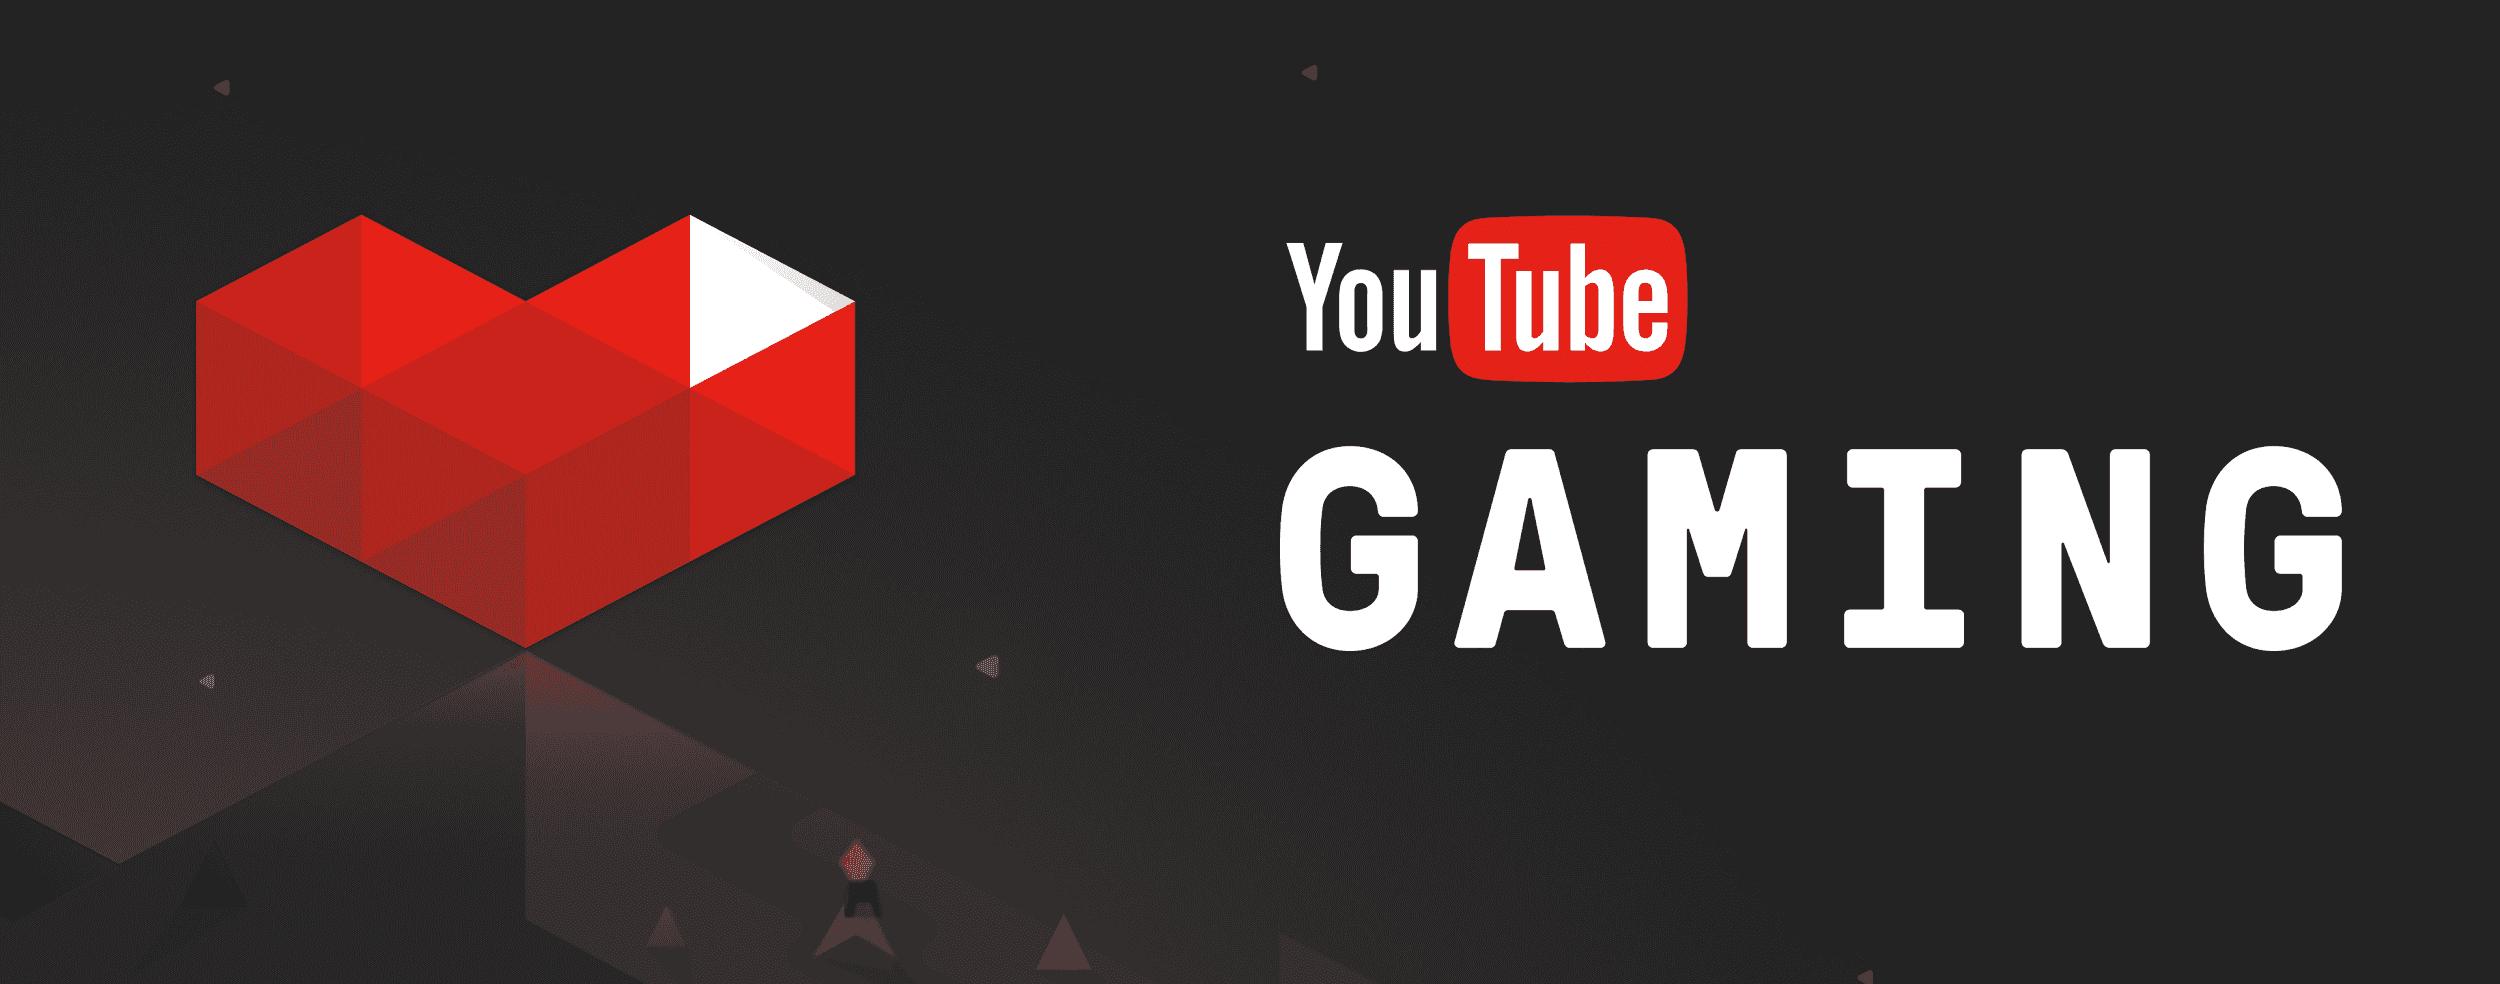 تحميل تطبيق سناب تيوب تحميل اليوتيوب SnapTube-YouTube Downloader عربي-  http://